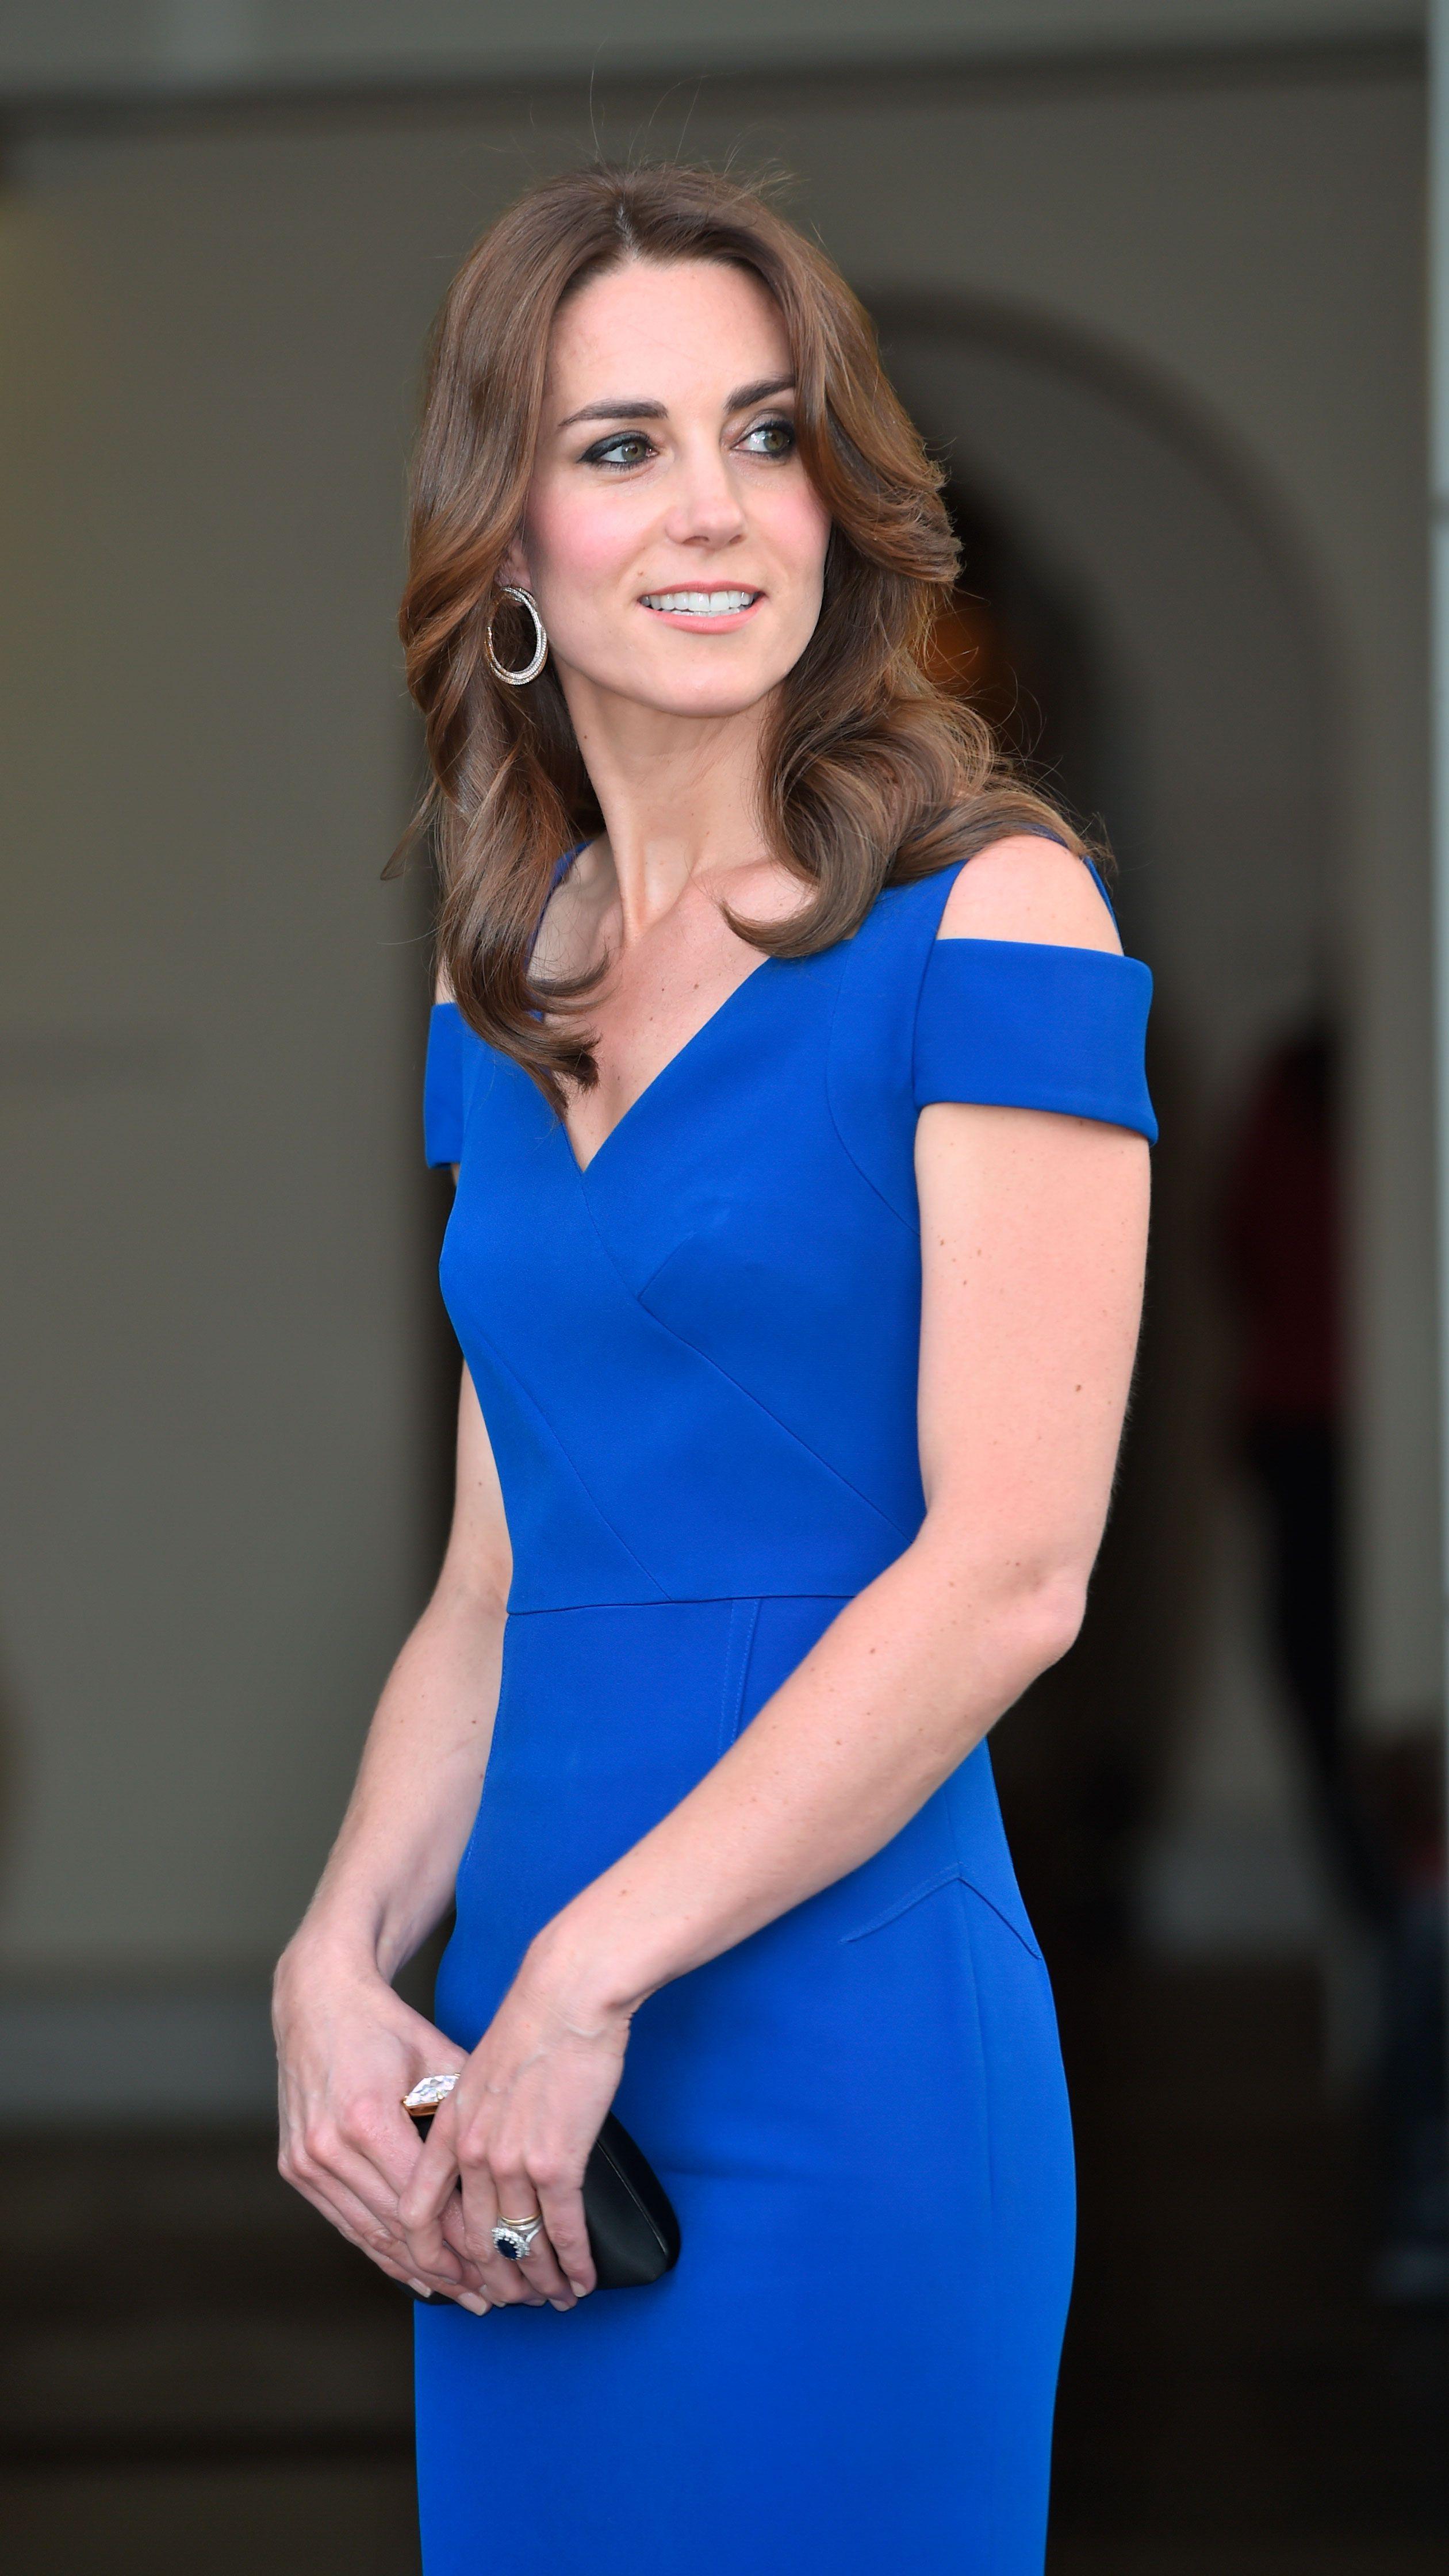 c2686ec8d04706 Os melhores looks de Kate Middleton | #Fashion | Vestidos para ...